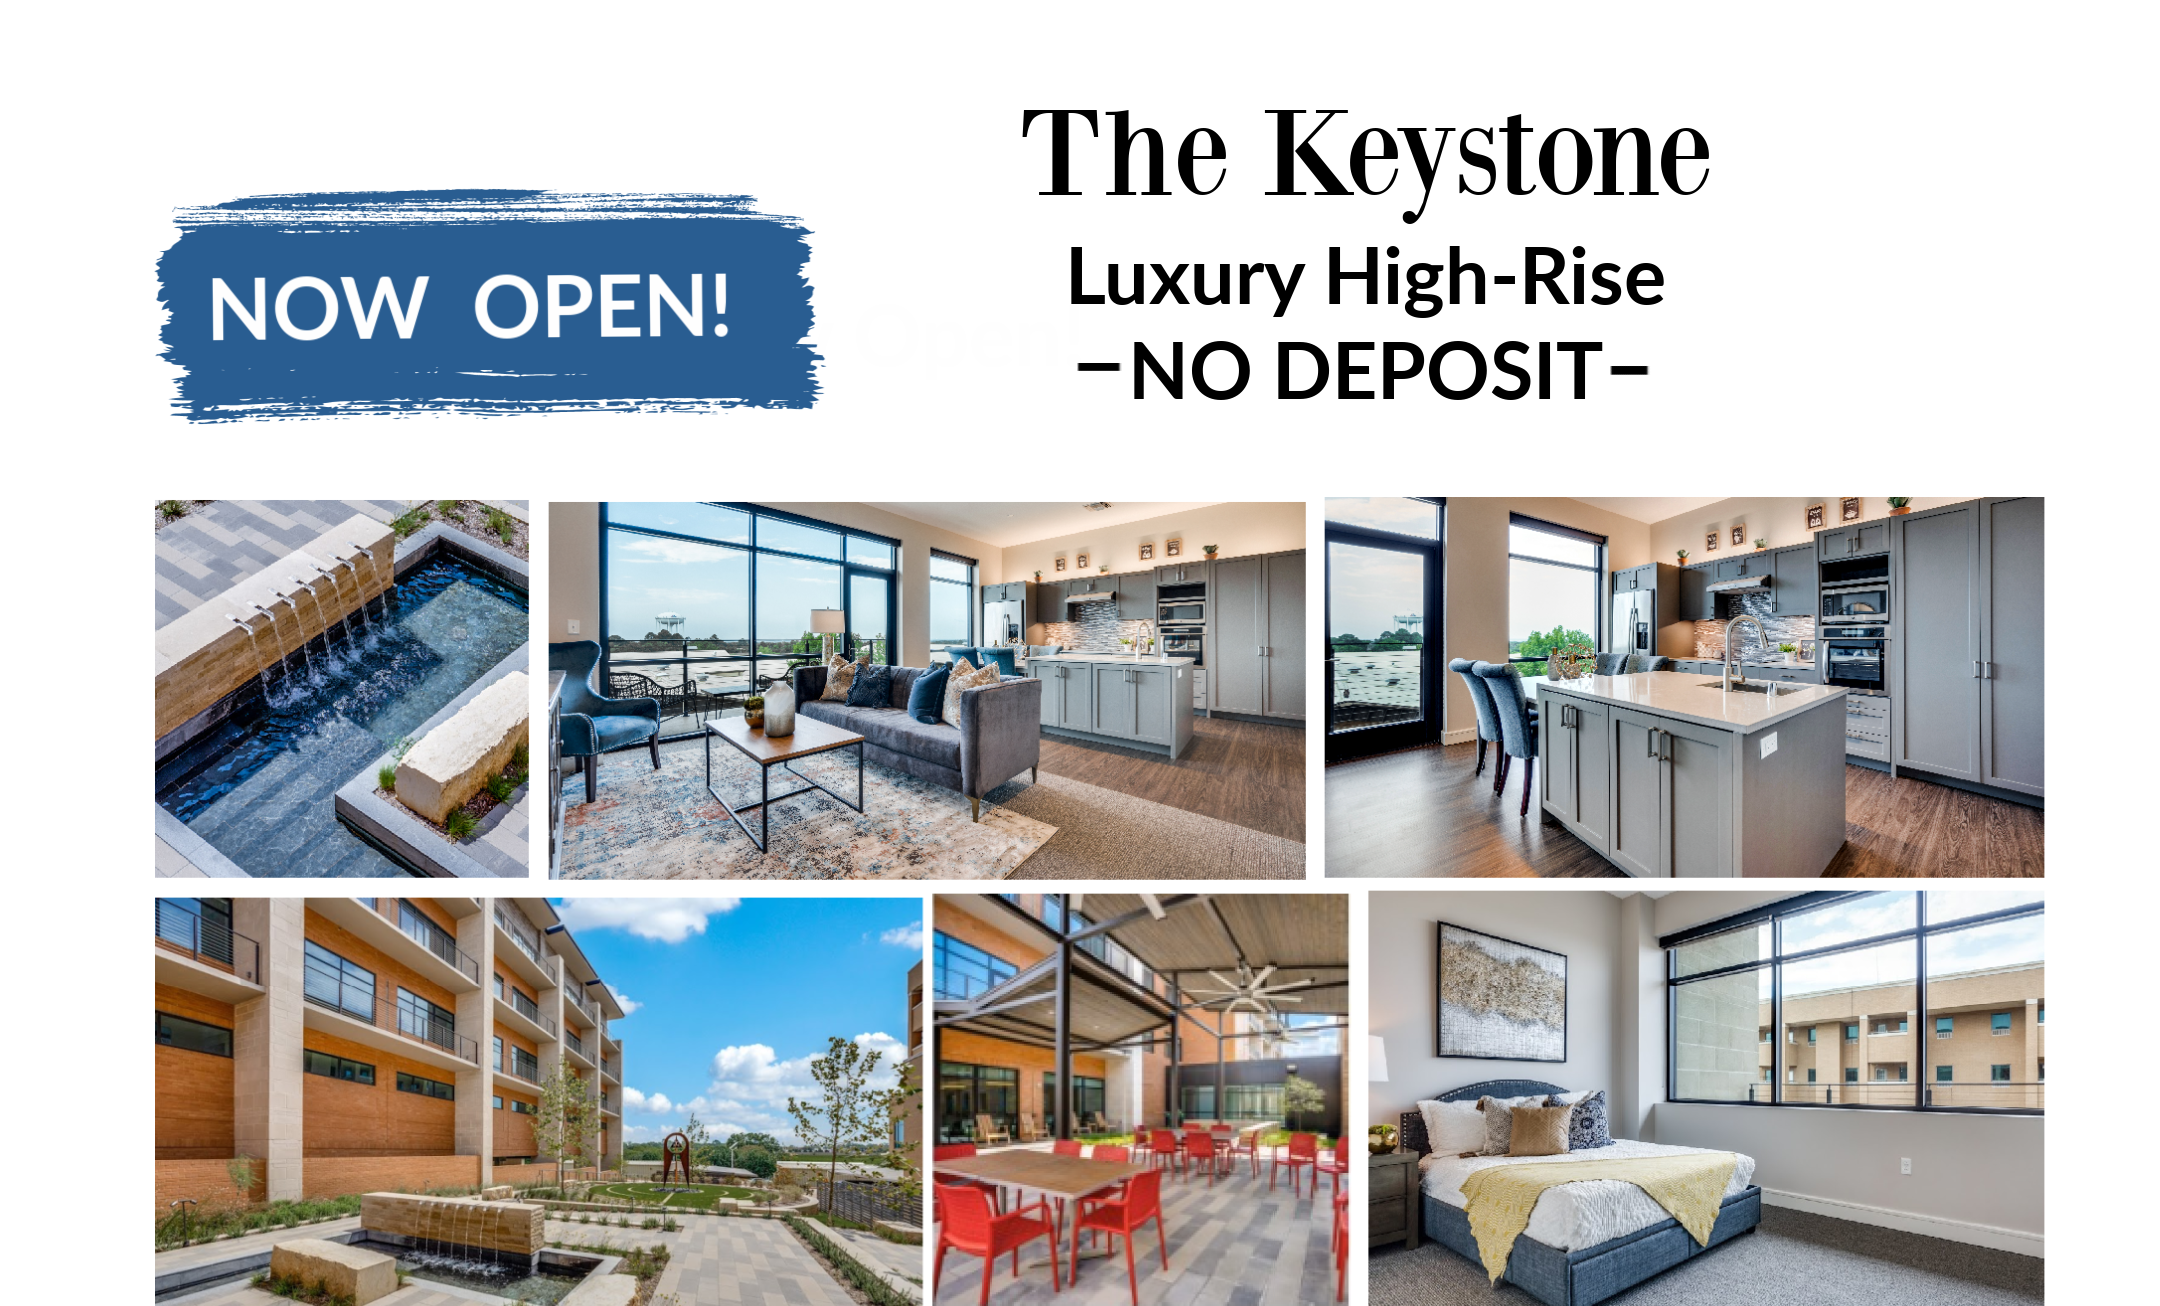 keystone-luxury-high-rise